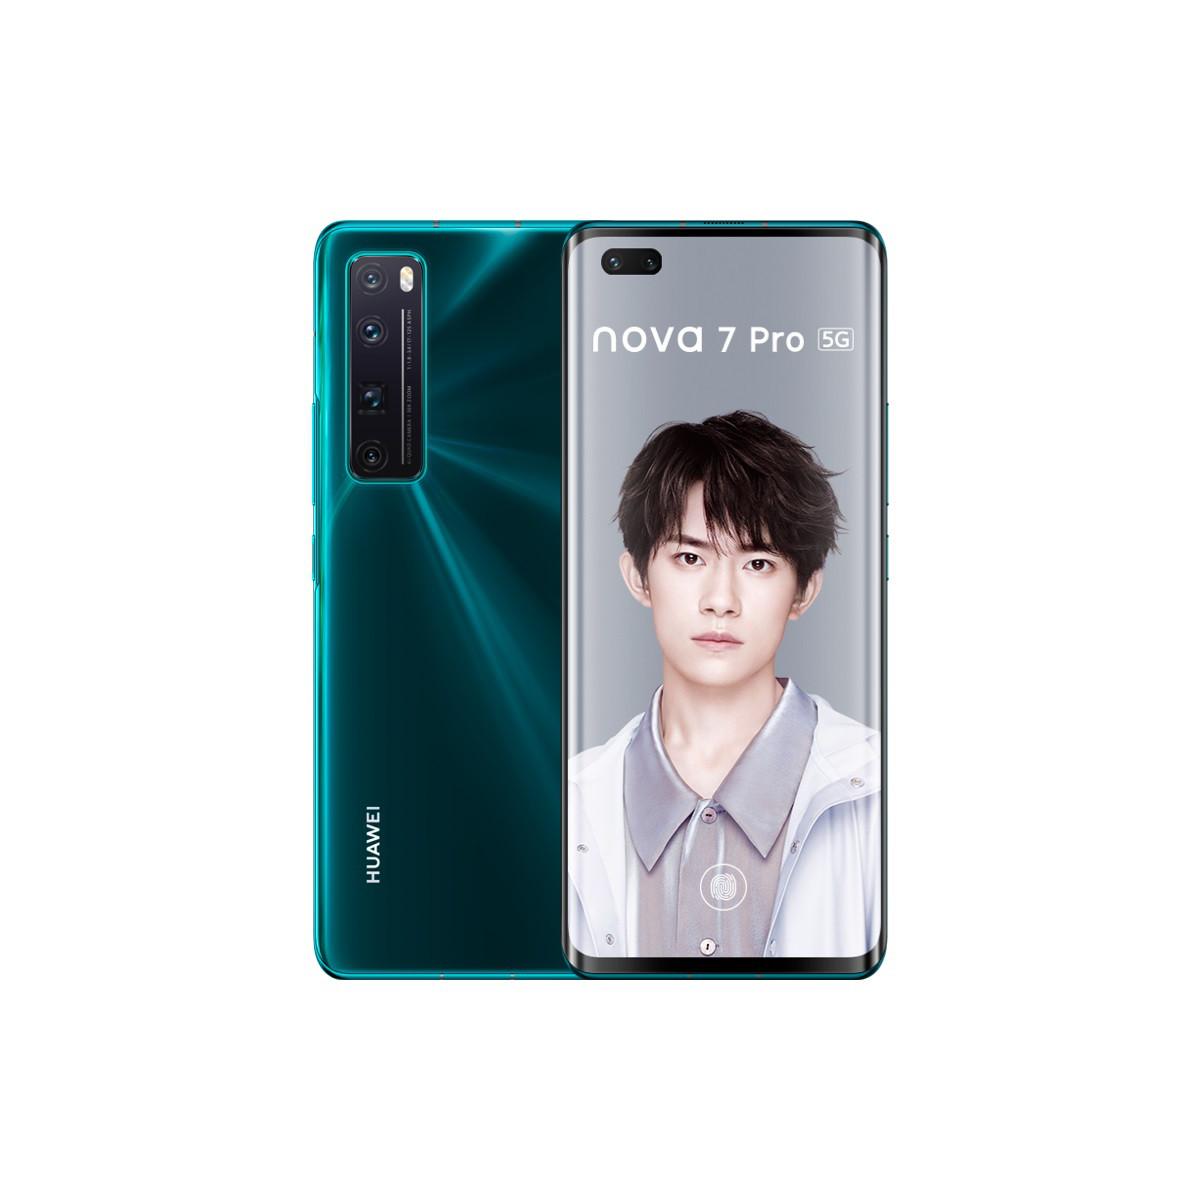 华为HUAWEI nova 7 Pro 全网通5G手机JER-AN10B全网通5G版8GB+128GB绮境森林